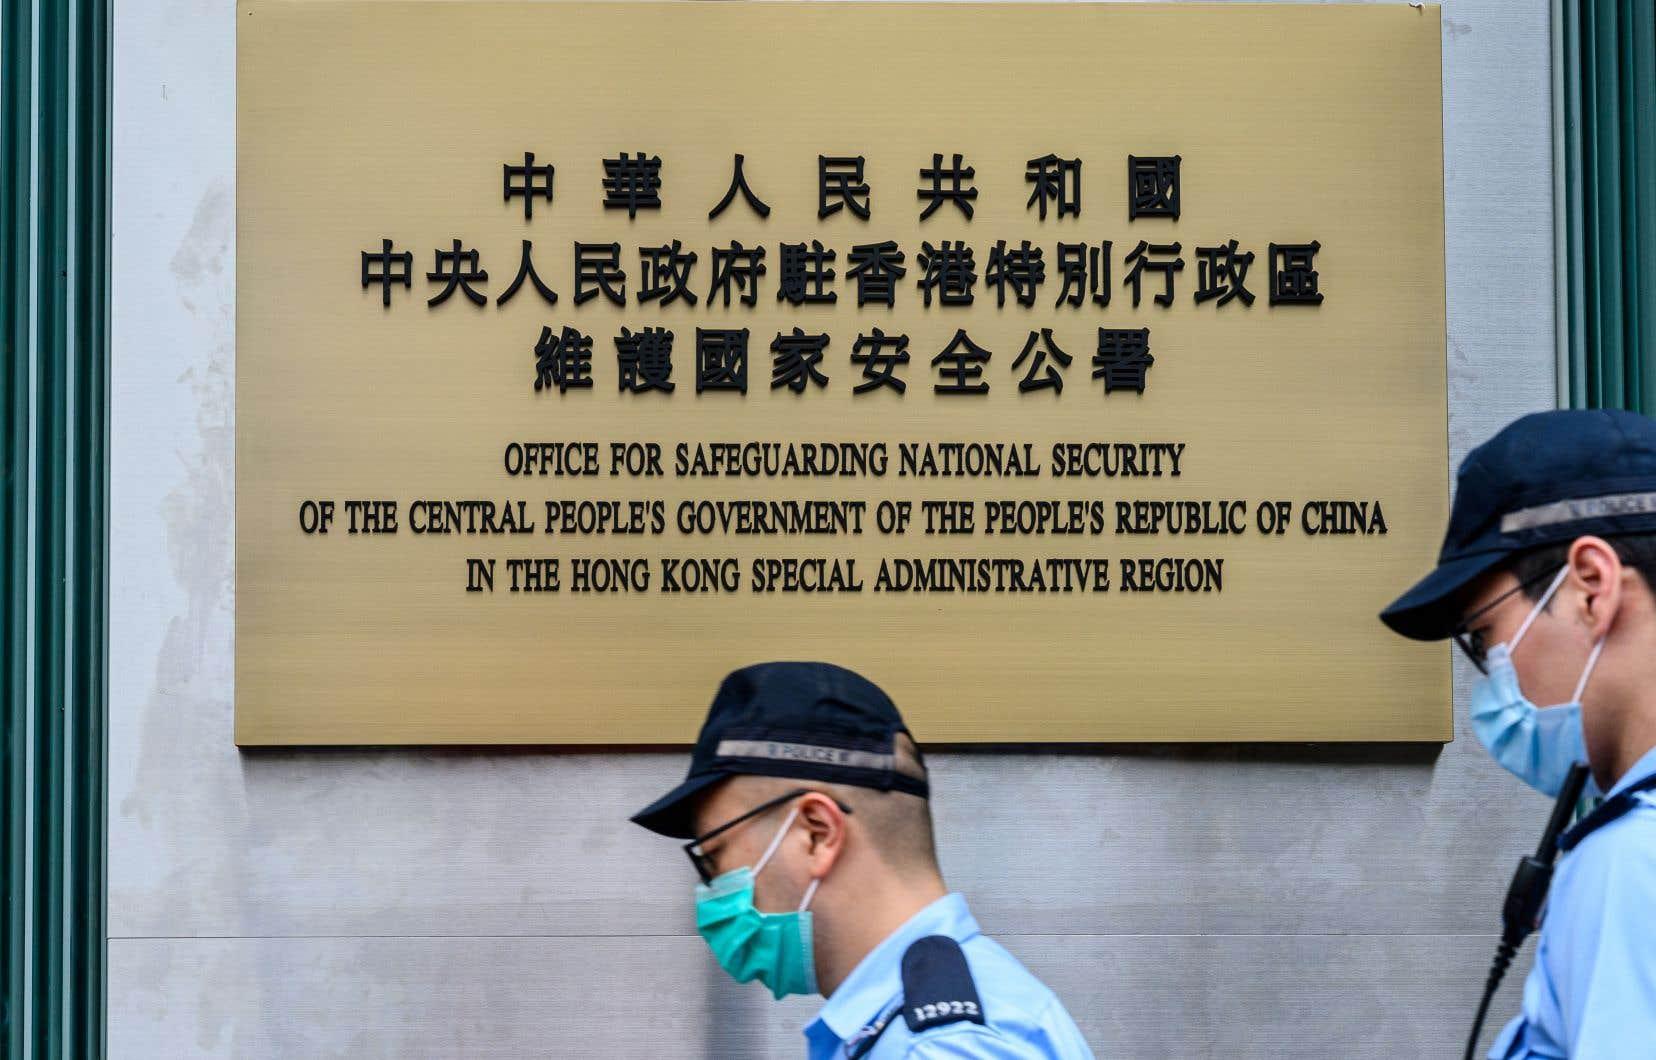 Des policiers passent devant une plaque à l'extérieur du Bureau de sauvegarde de la sécurité nationale du gouvernement populaire central, dans la région administrative spéciale de Hong Kong, après son inauguration officielle le 8 juillet 2020.